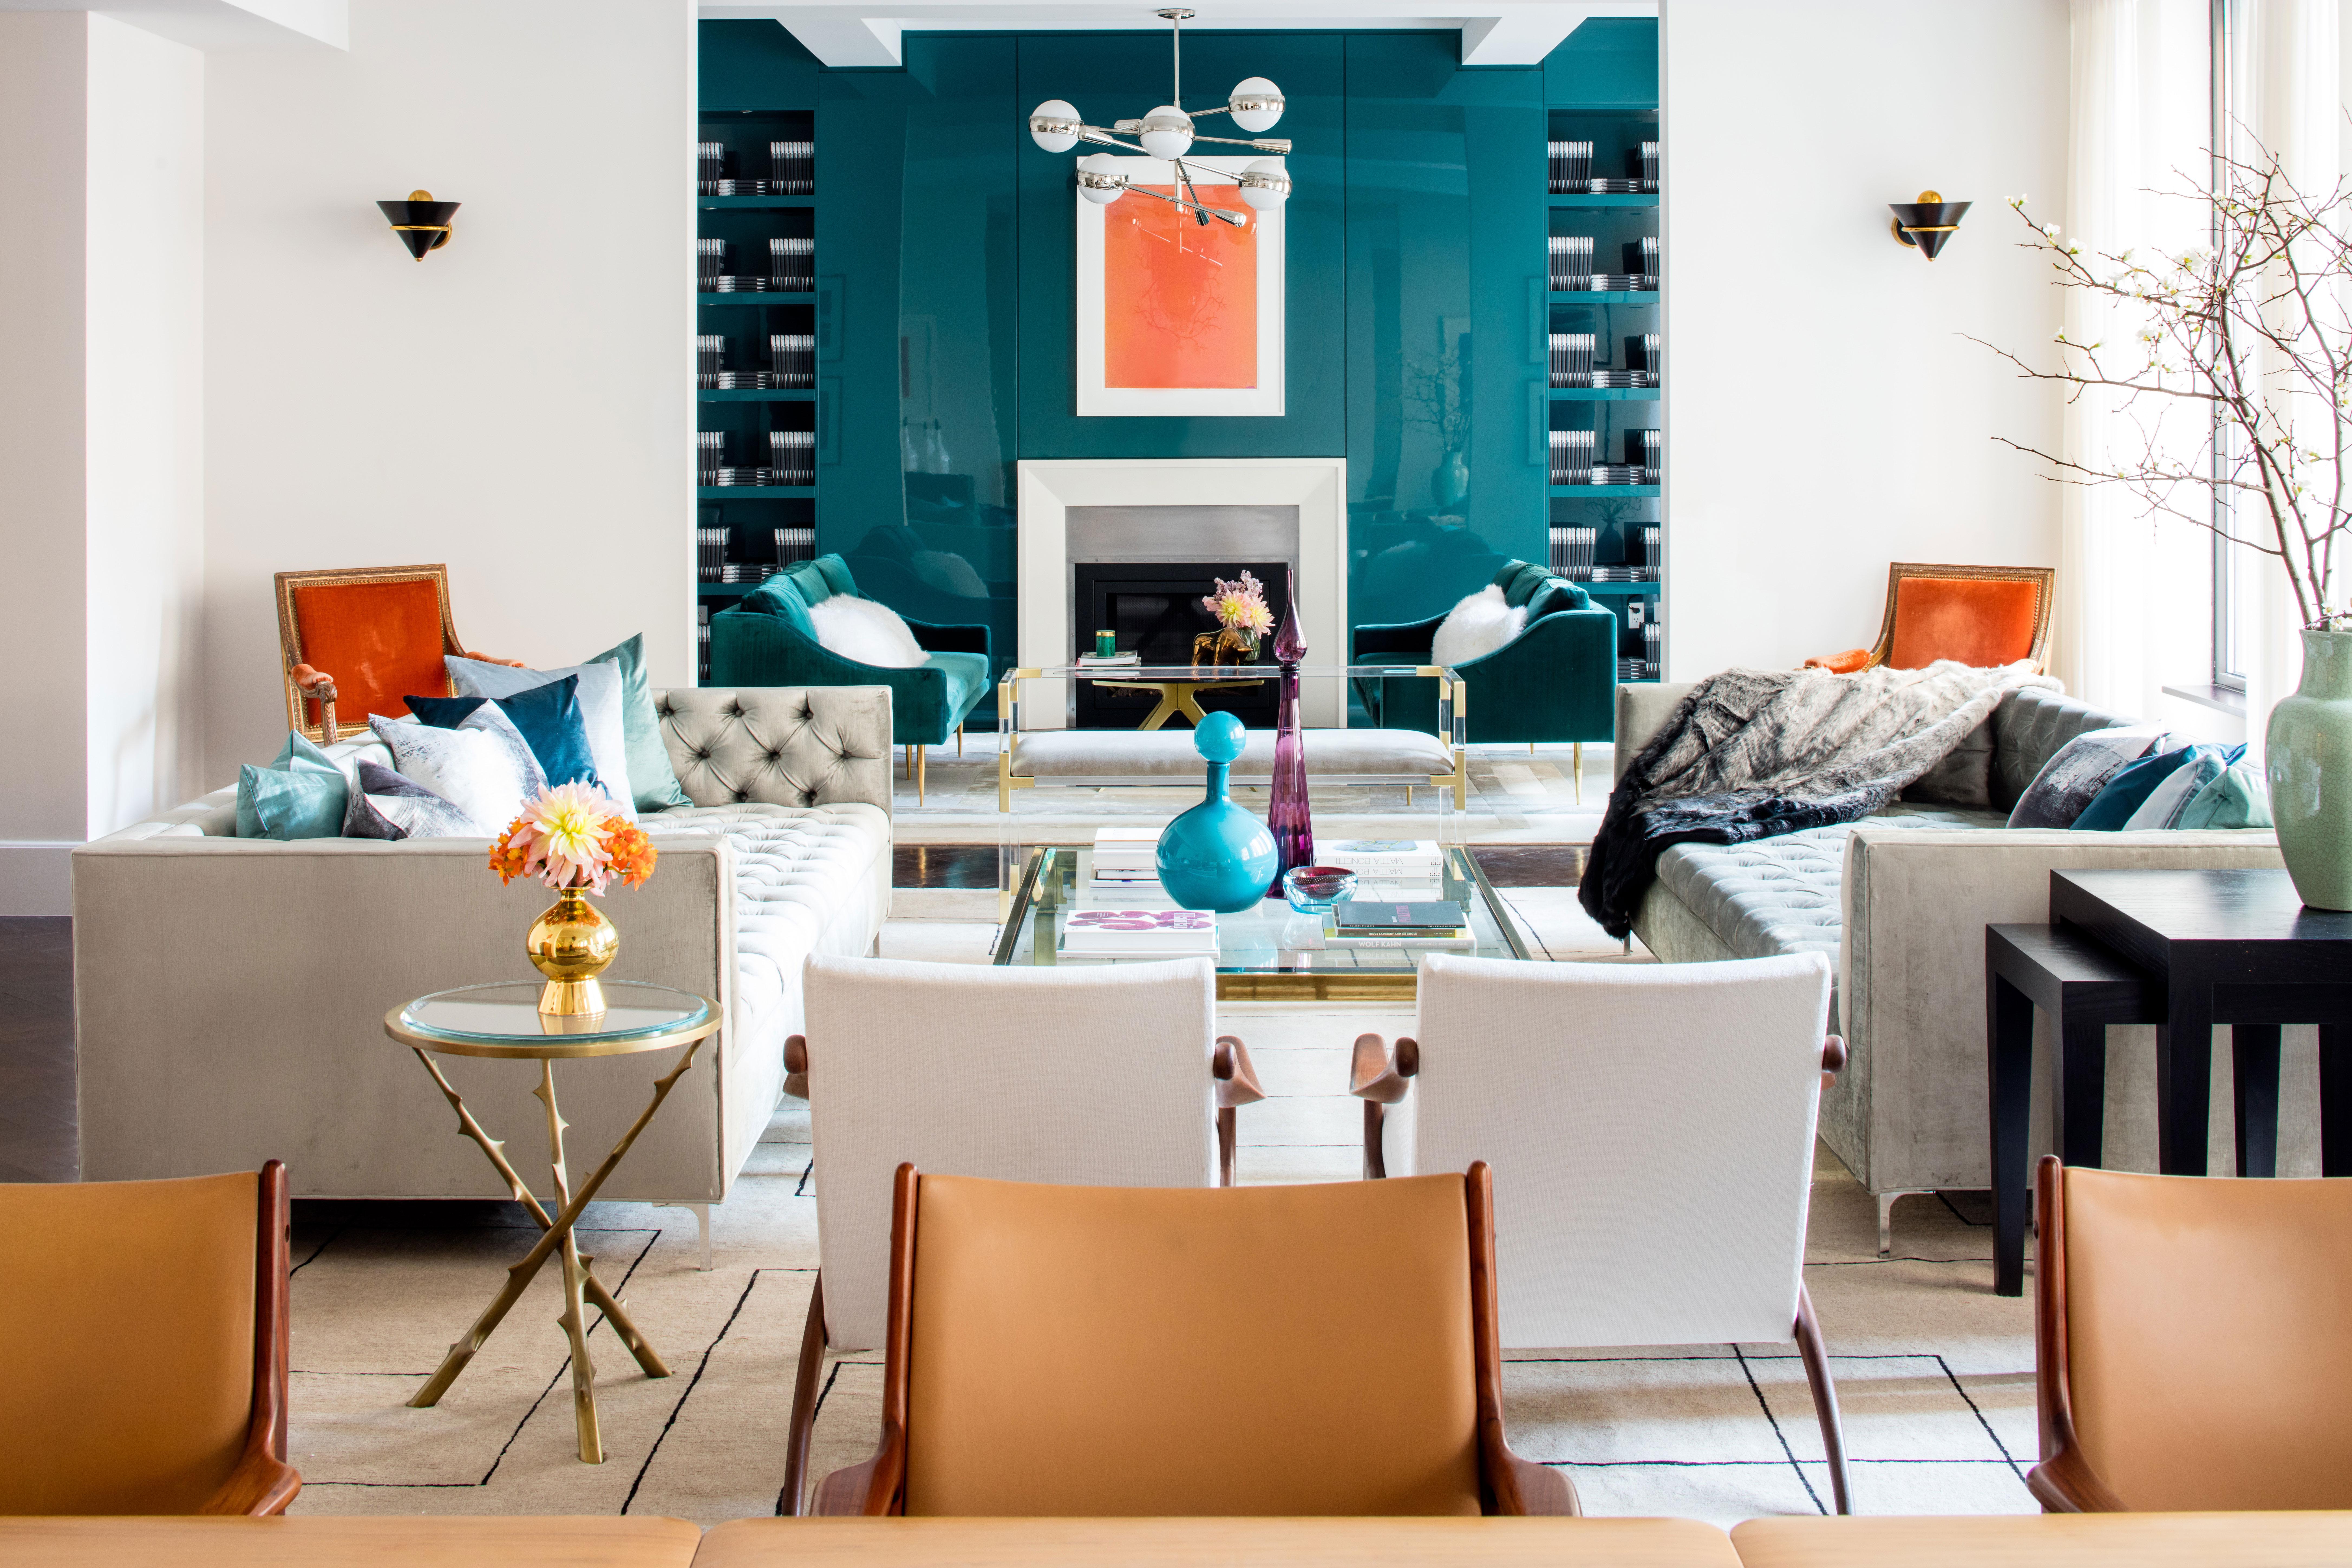 Nicole-Fuller-Interior-Designer-union-square-living-room-2